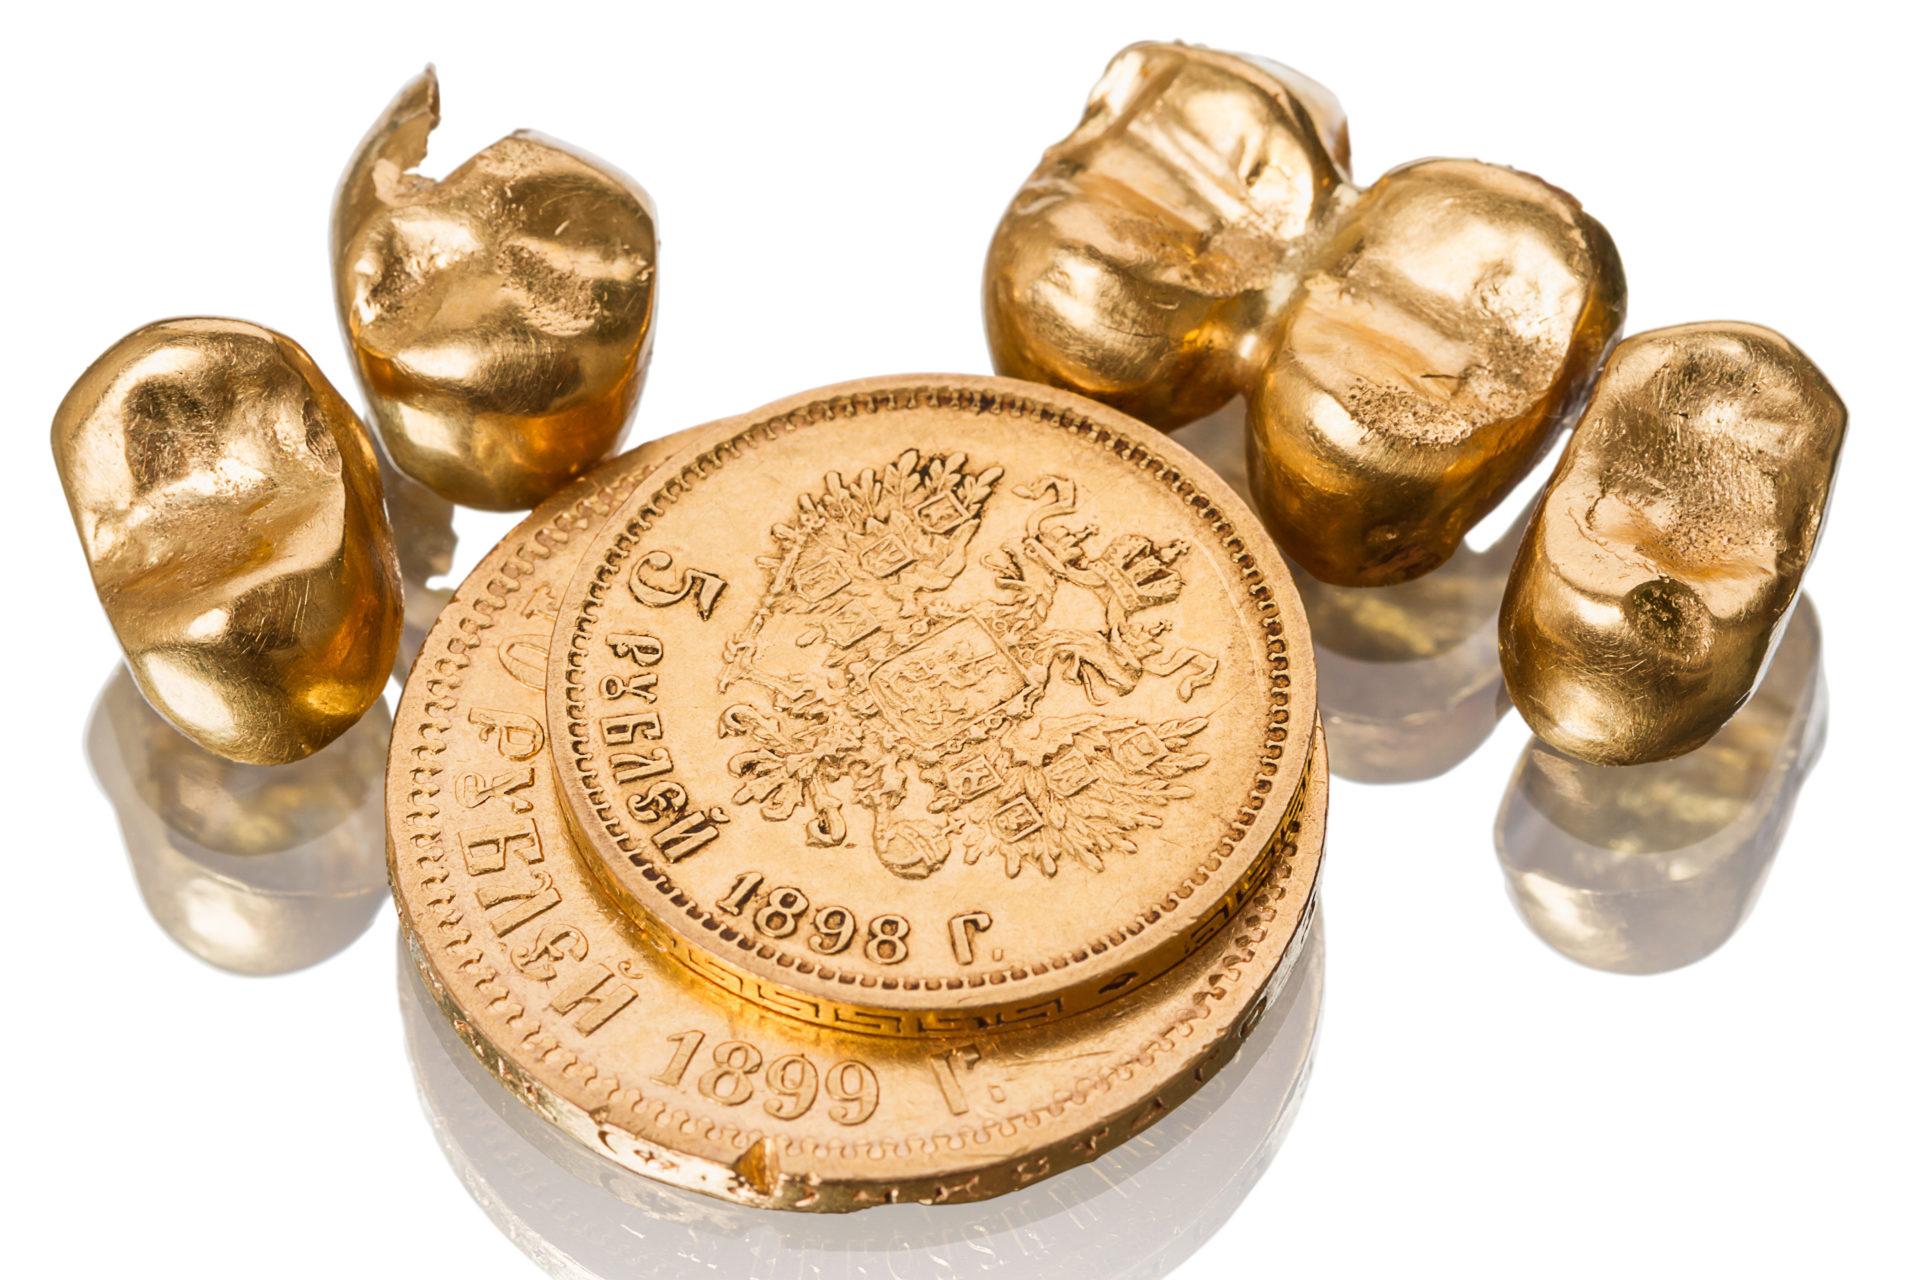 Zahngold Ankauf Bonn - Bei uns bekommen Sie Top-Preise, Zahngold verkaufen, Zahngold-ankaufen, Zahnkrone aus Gold, Aurax Edelmetallhandel GmbH